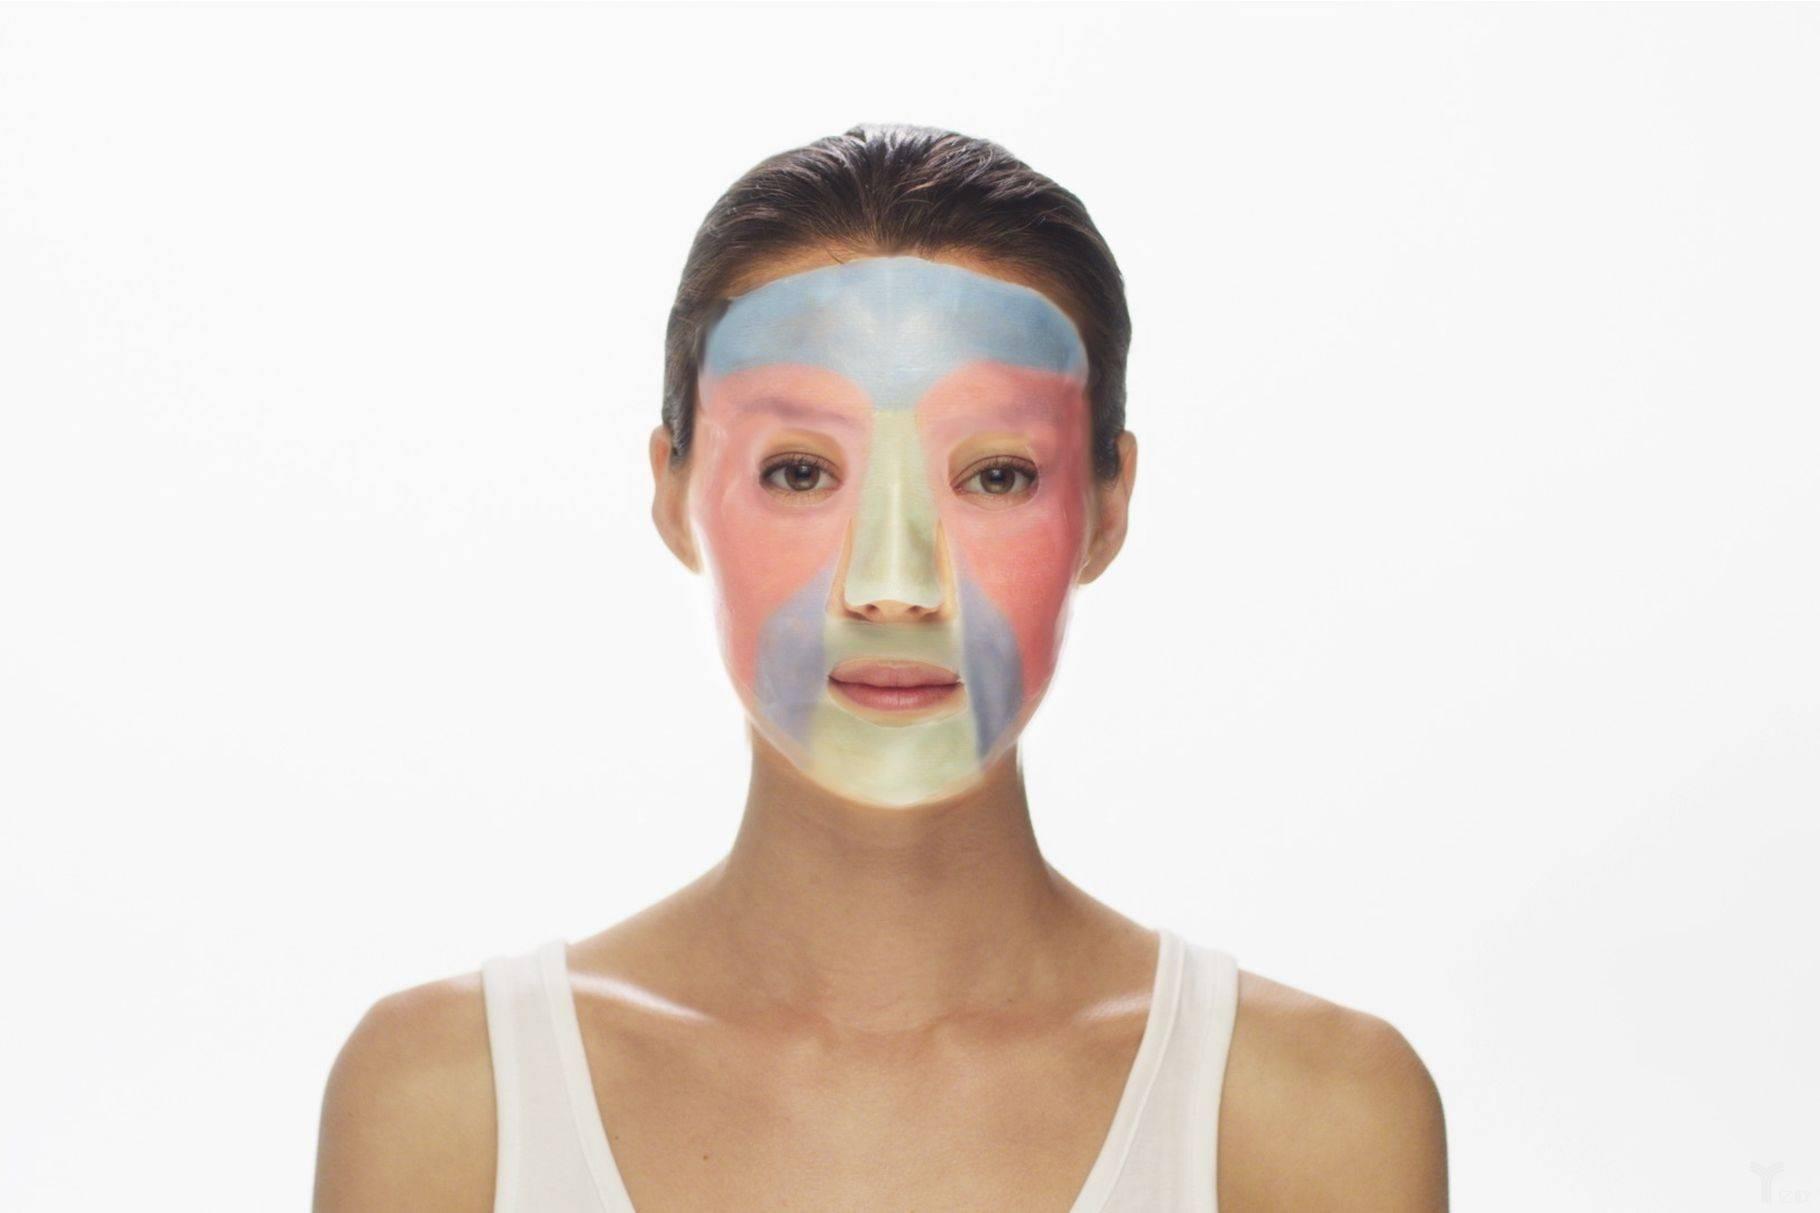 欧莱雅联合亚马逊推出虚拟试妆,美妆巨头们掌握了哪些黑科技?